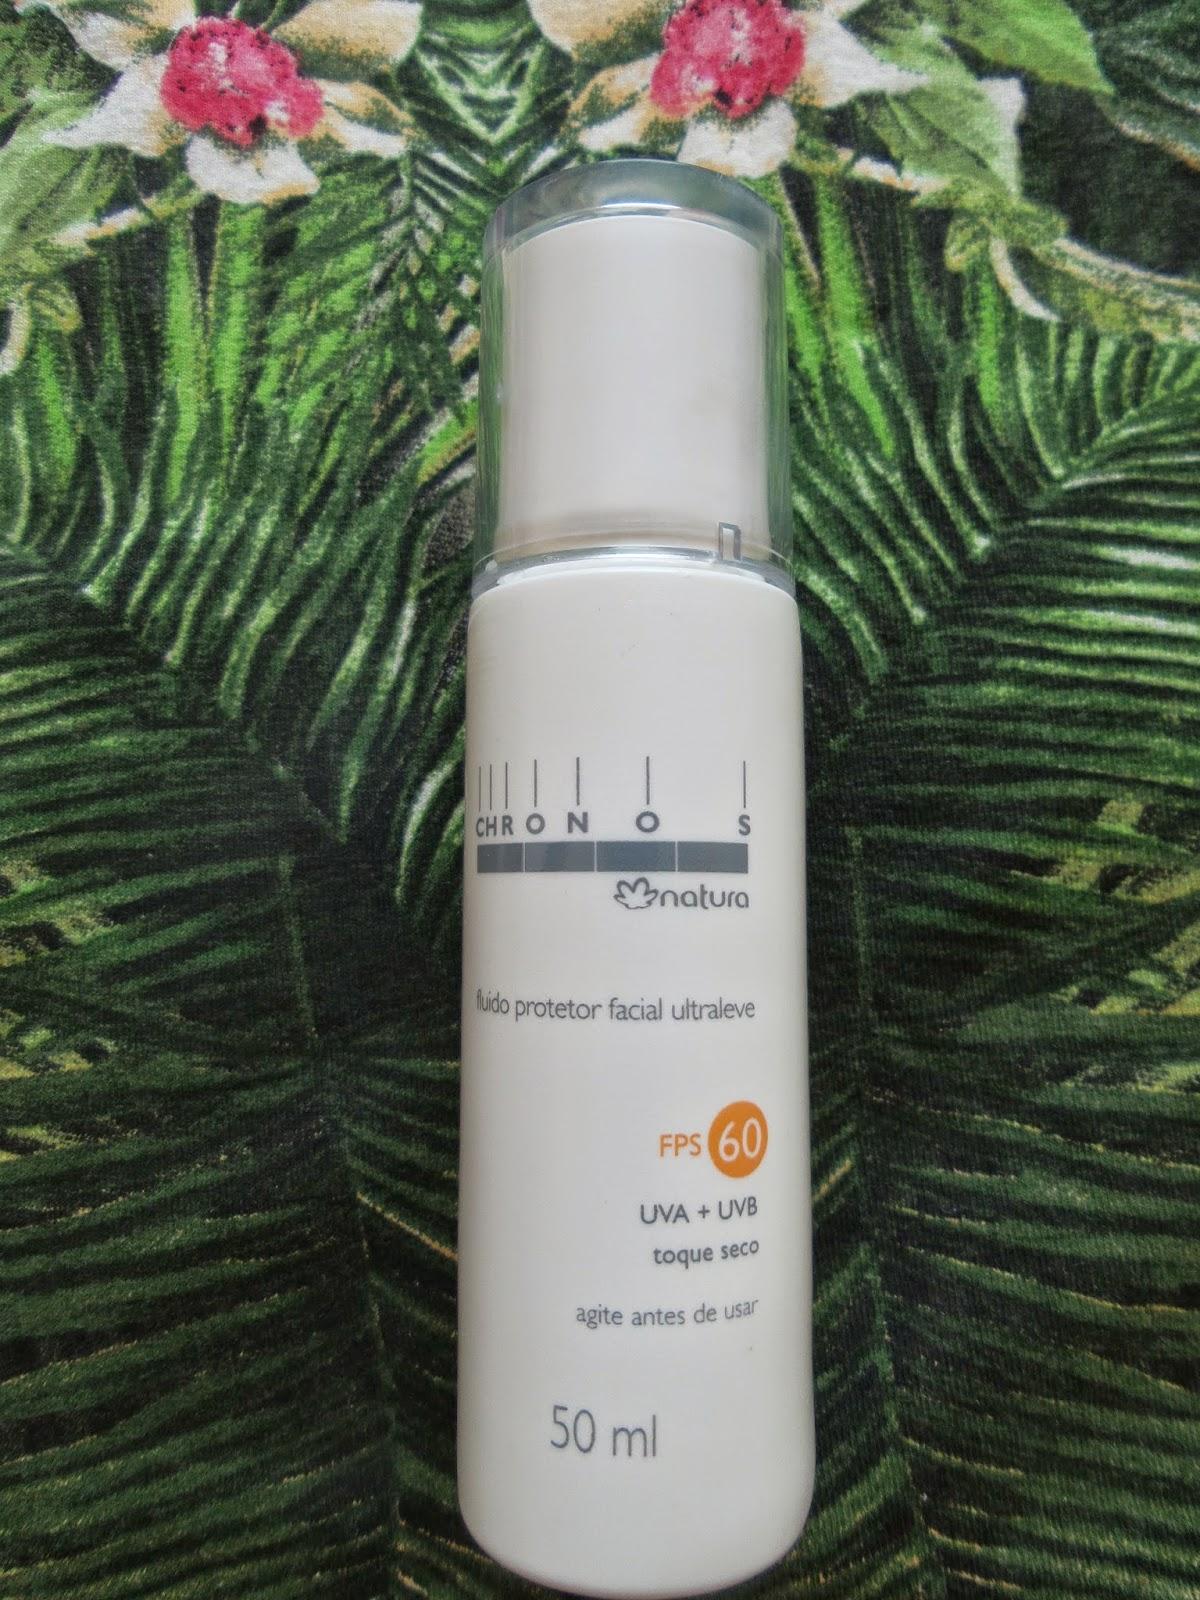 Fluido Protetor Facial Chornos Ultraleve FPS 60 Natura